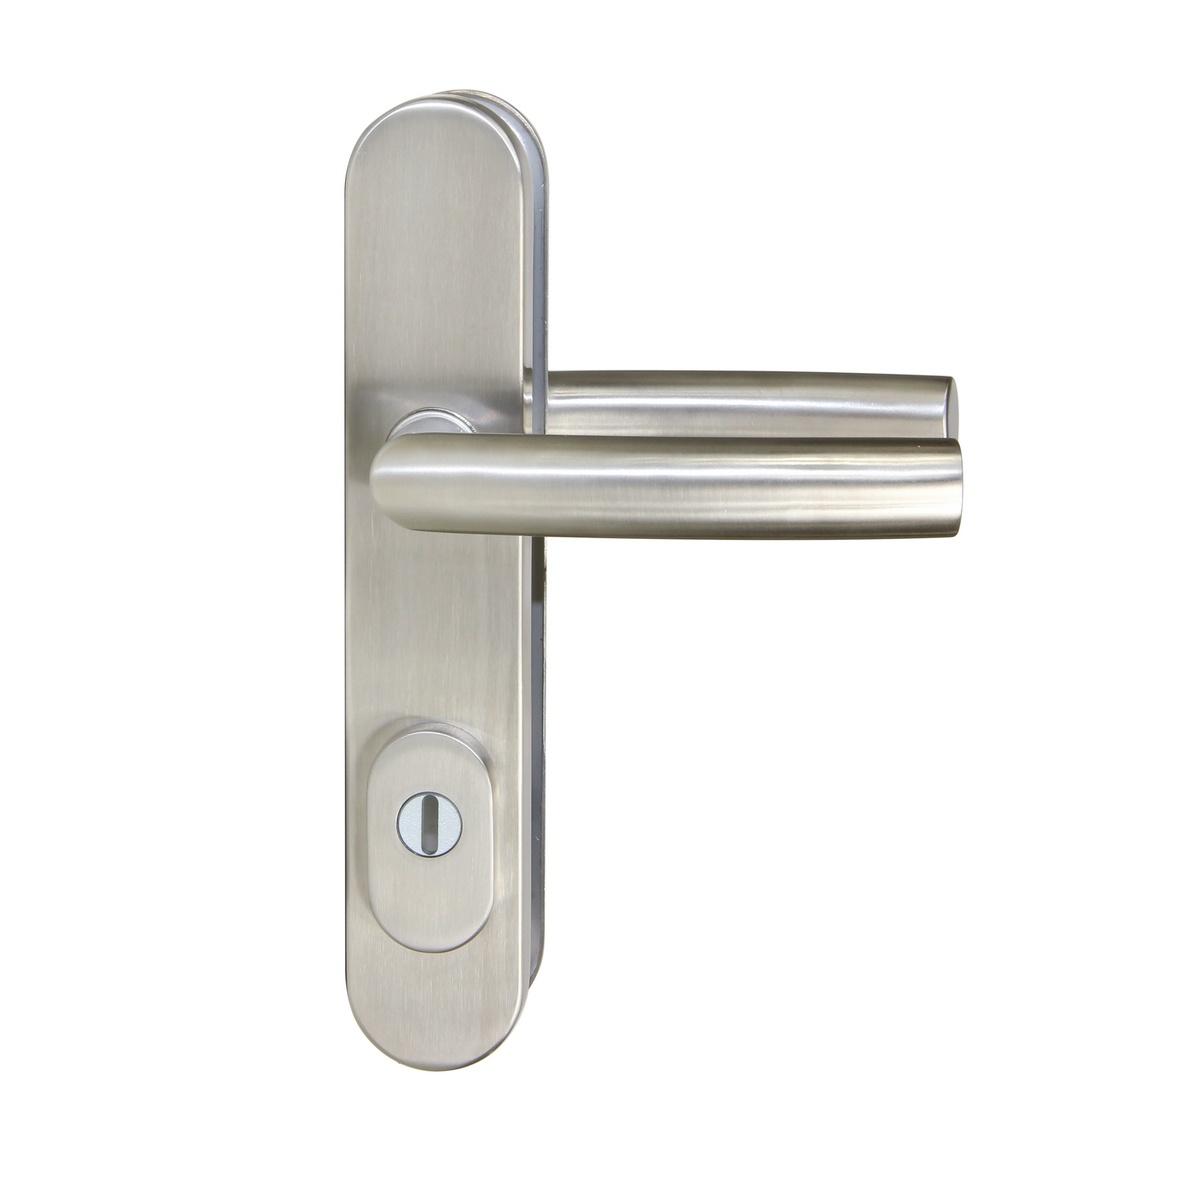 Dveřní bezpečnostní kování s klikou, R.711.ZB.92.N.TB4